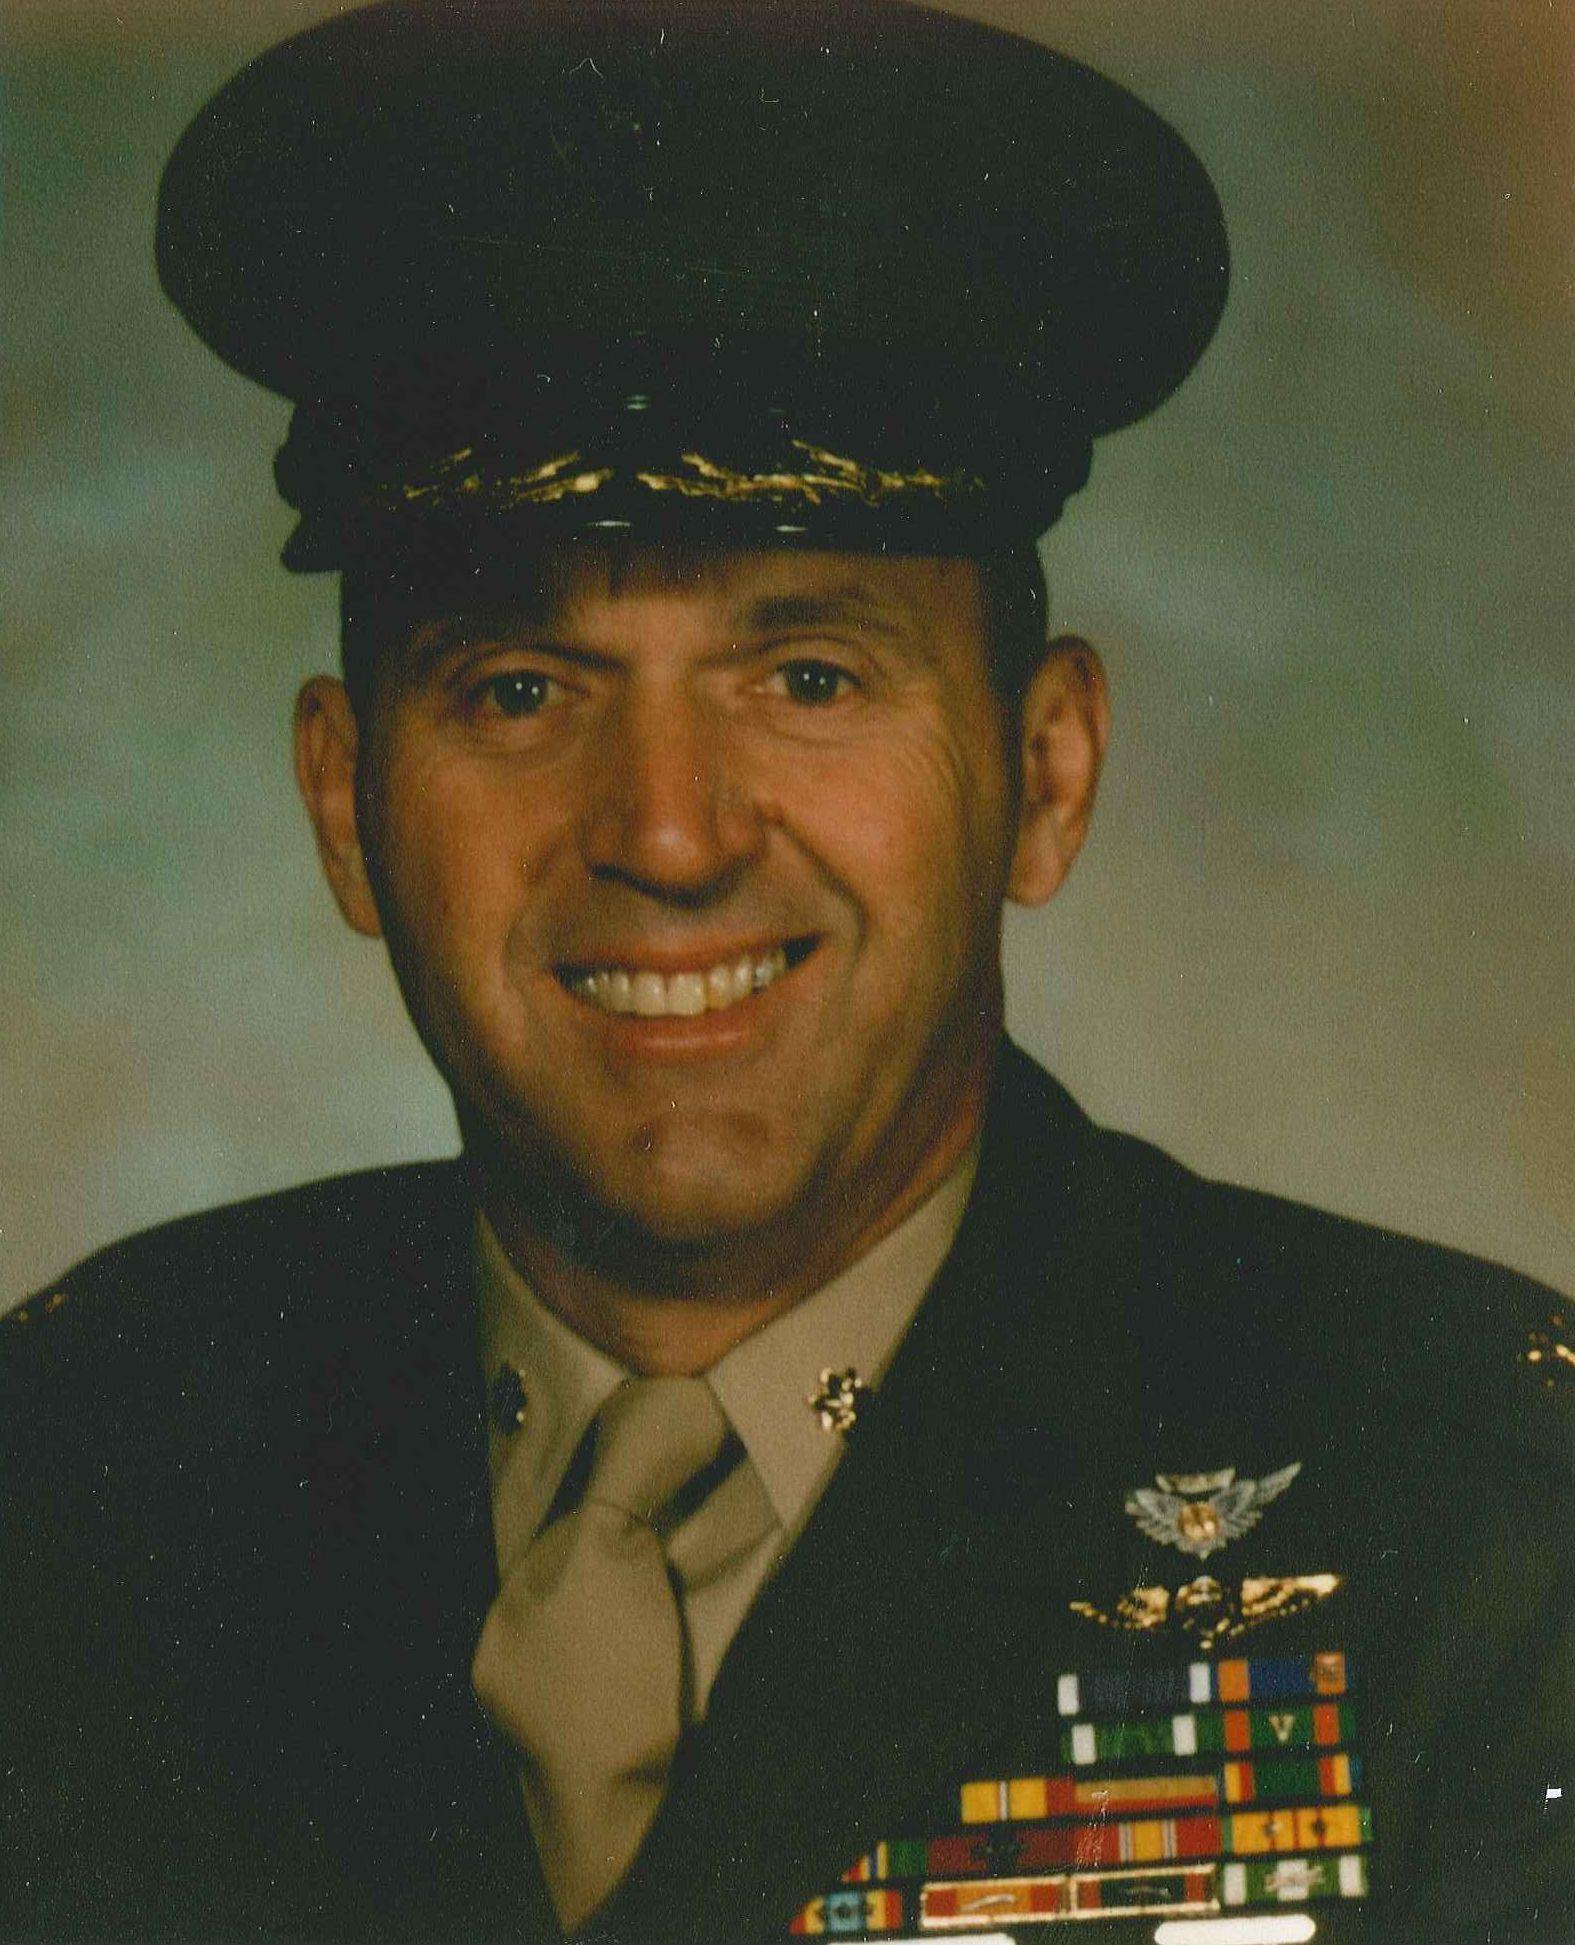 Lt. Col. Tony Andrew Helms